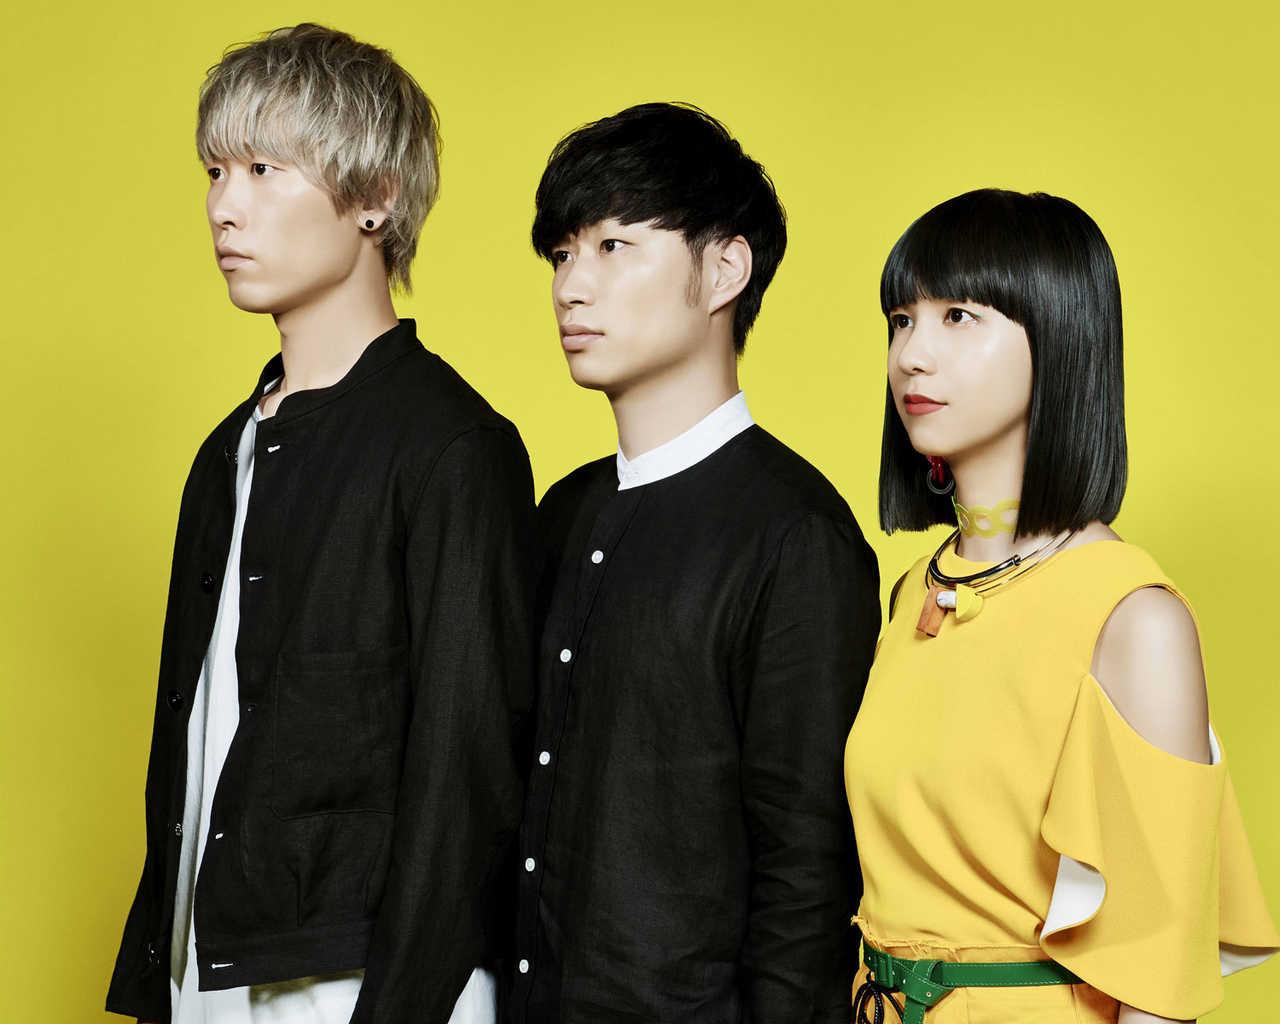 クアイフ 待望のメジャー1stアルバム「POP is YOURS」6月6日リリース決定!